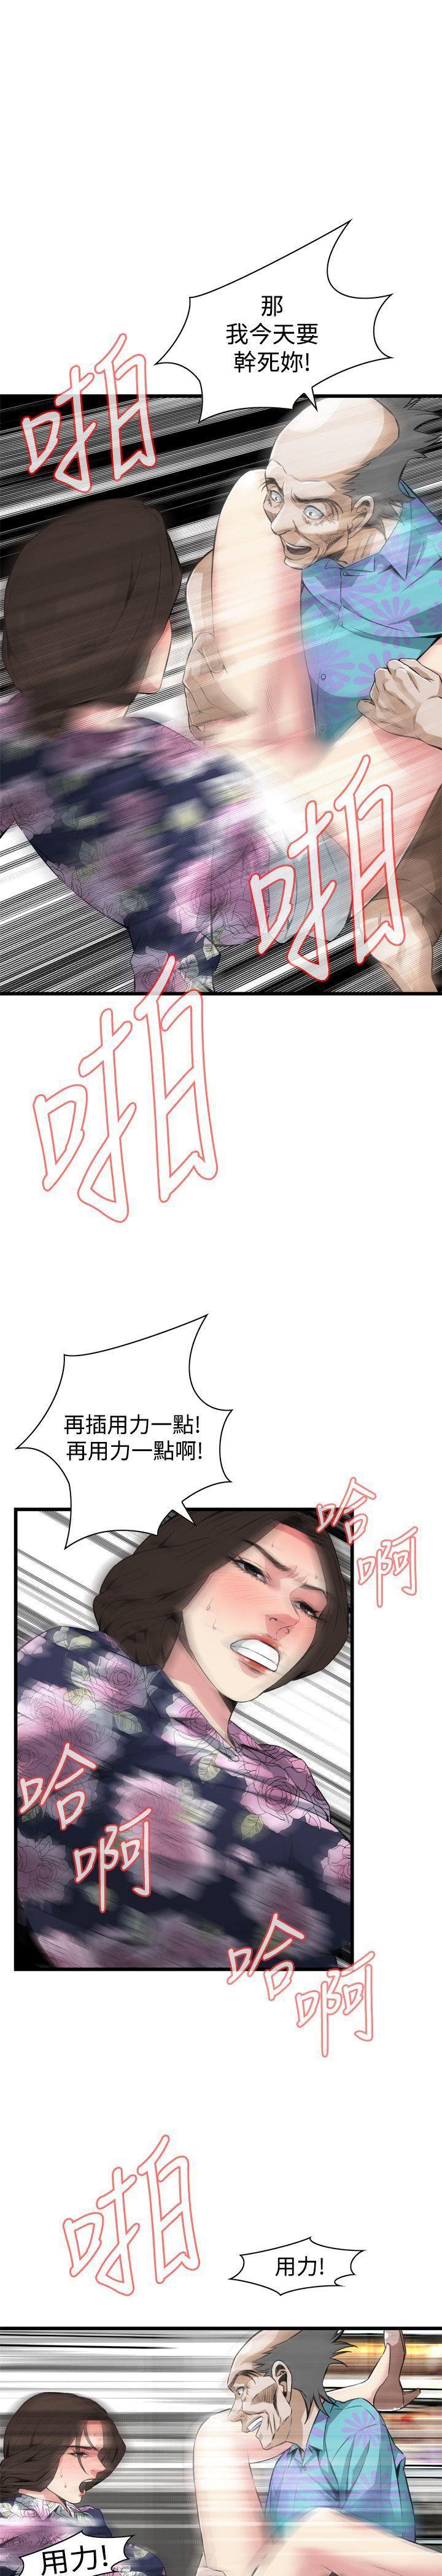 偷窥72-93 Chinese Rsiky 0